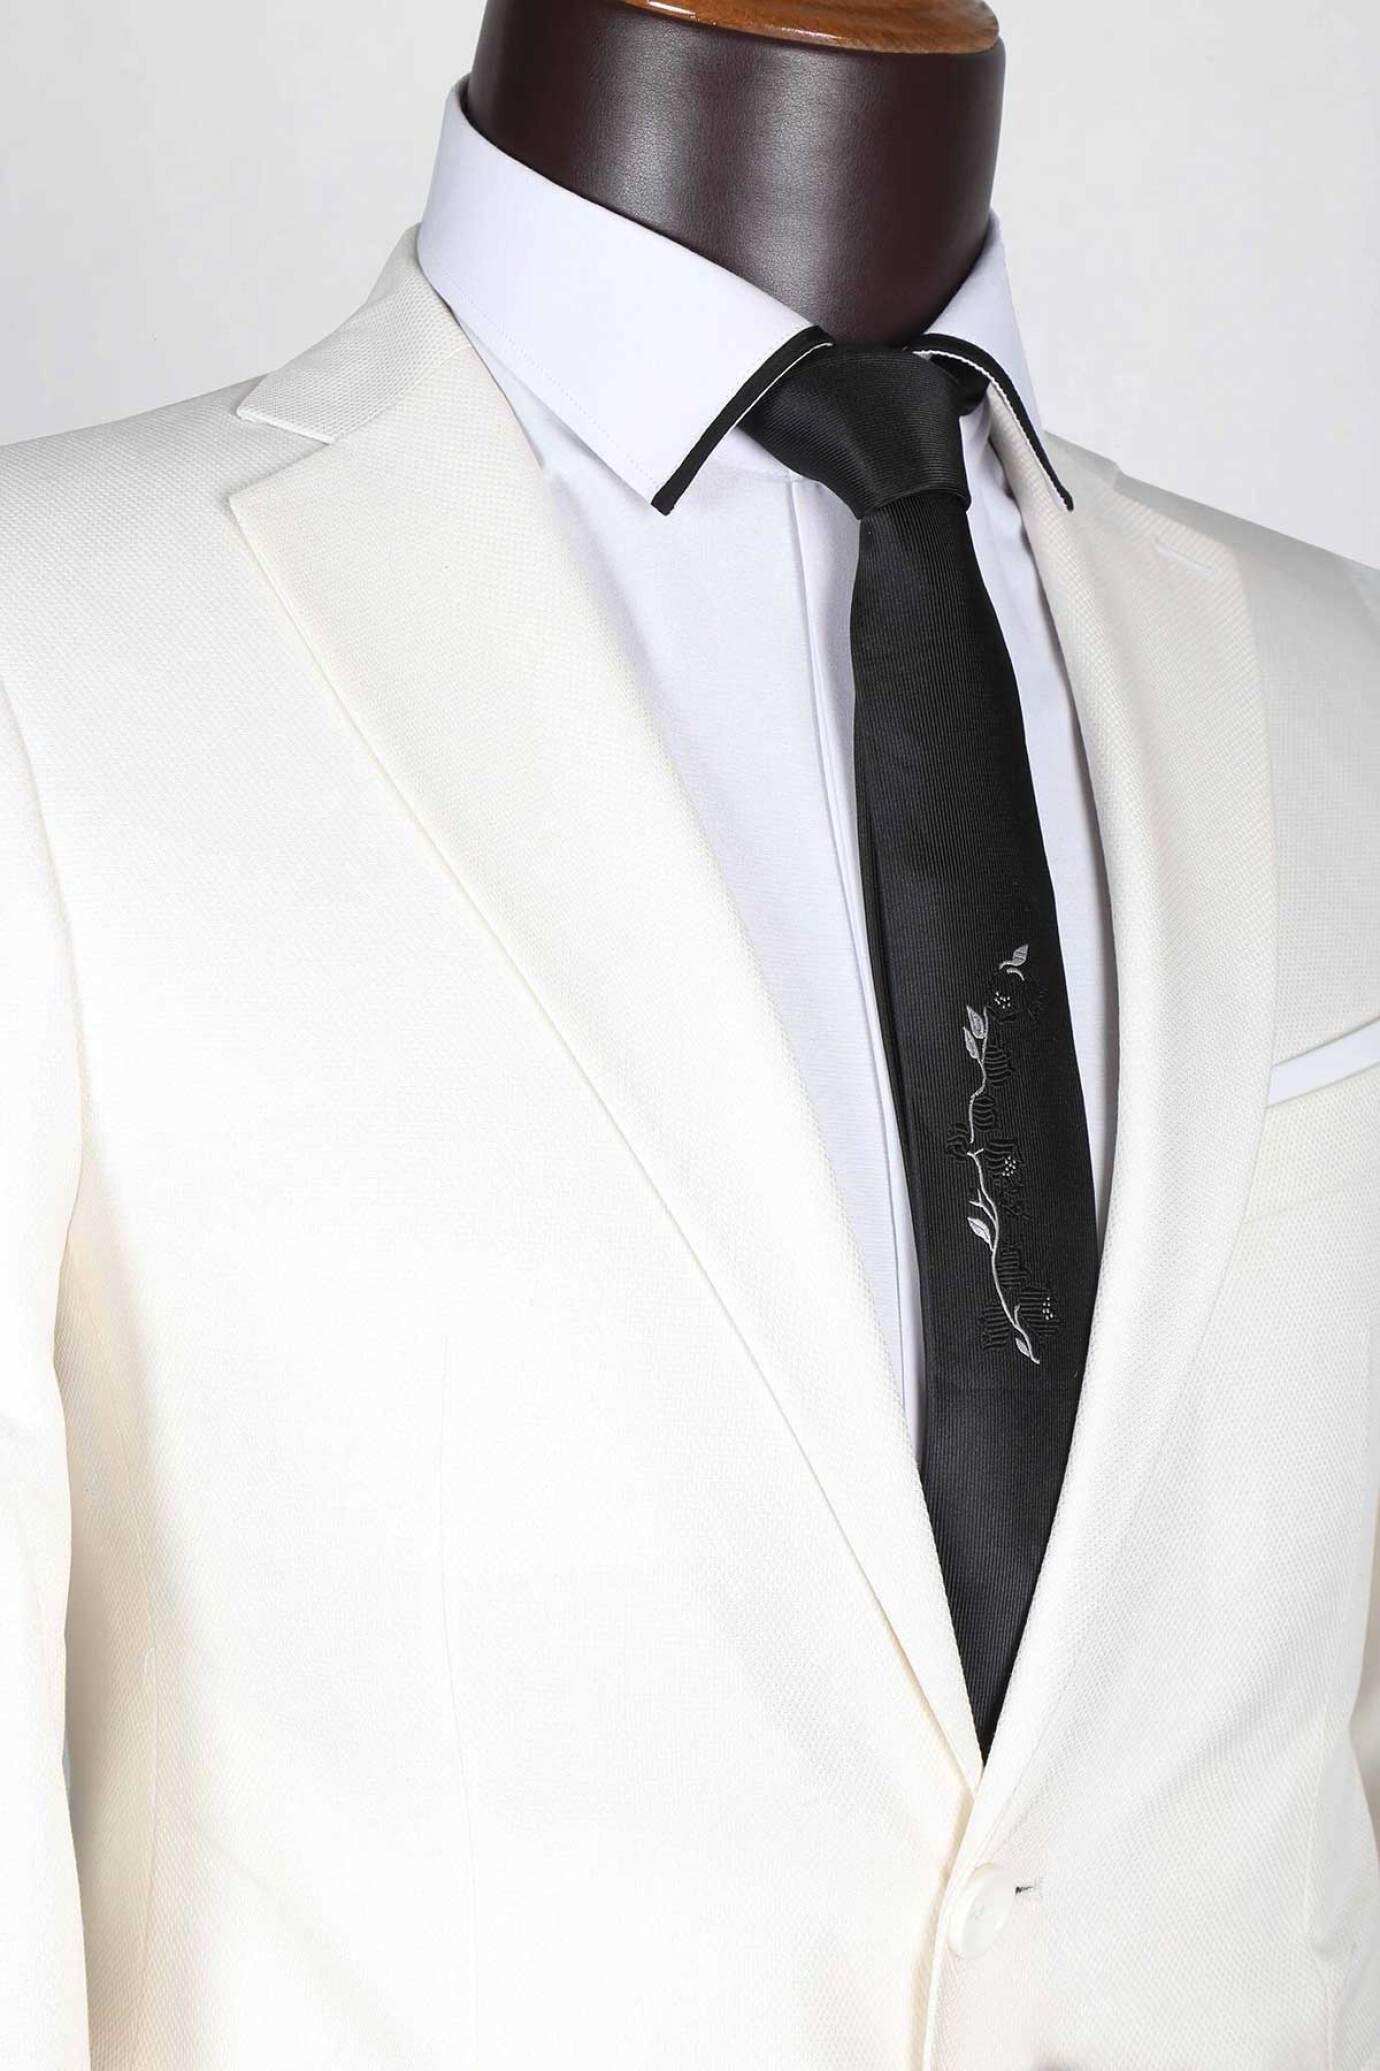 کت شلوار سوزنی اسلیمفیت لومنز تولید شده توسط سایت لومنز